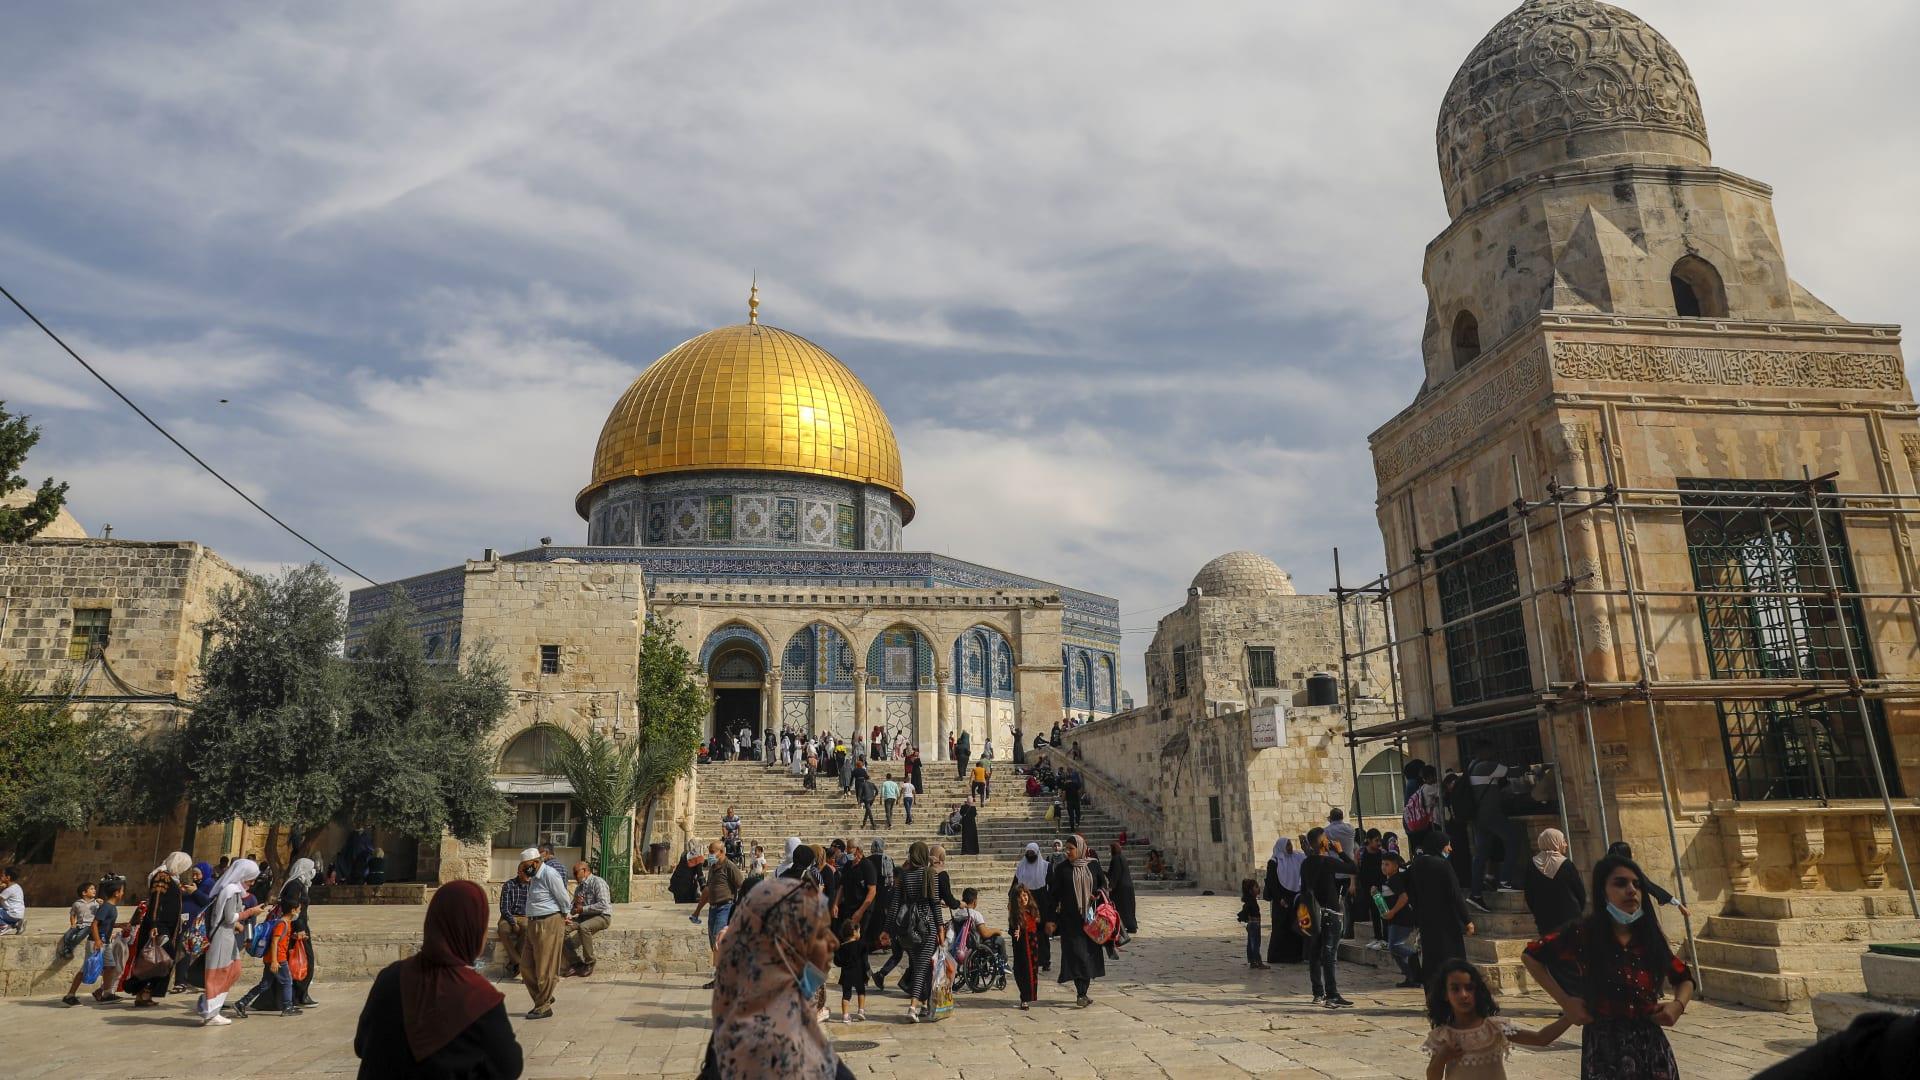 بعد يومين منذ وقف إطلاق النار.. الجيش الإسرائيلي يقتحم المسجد الأقصى ويعتقل حارسه